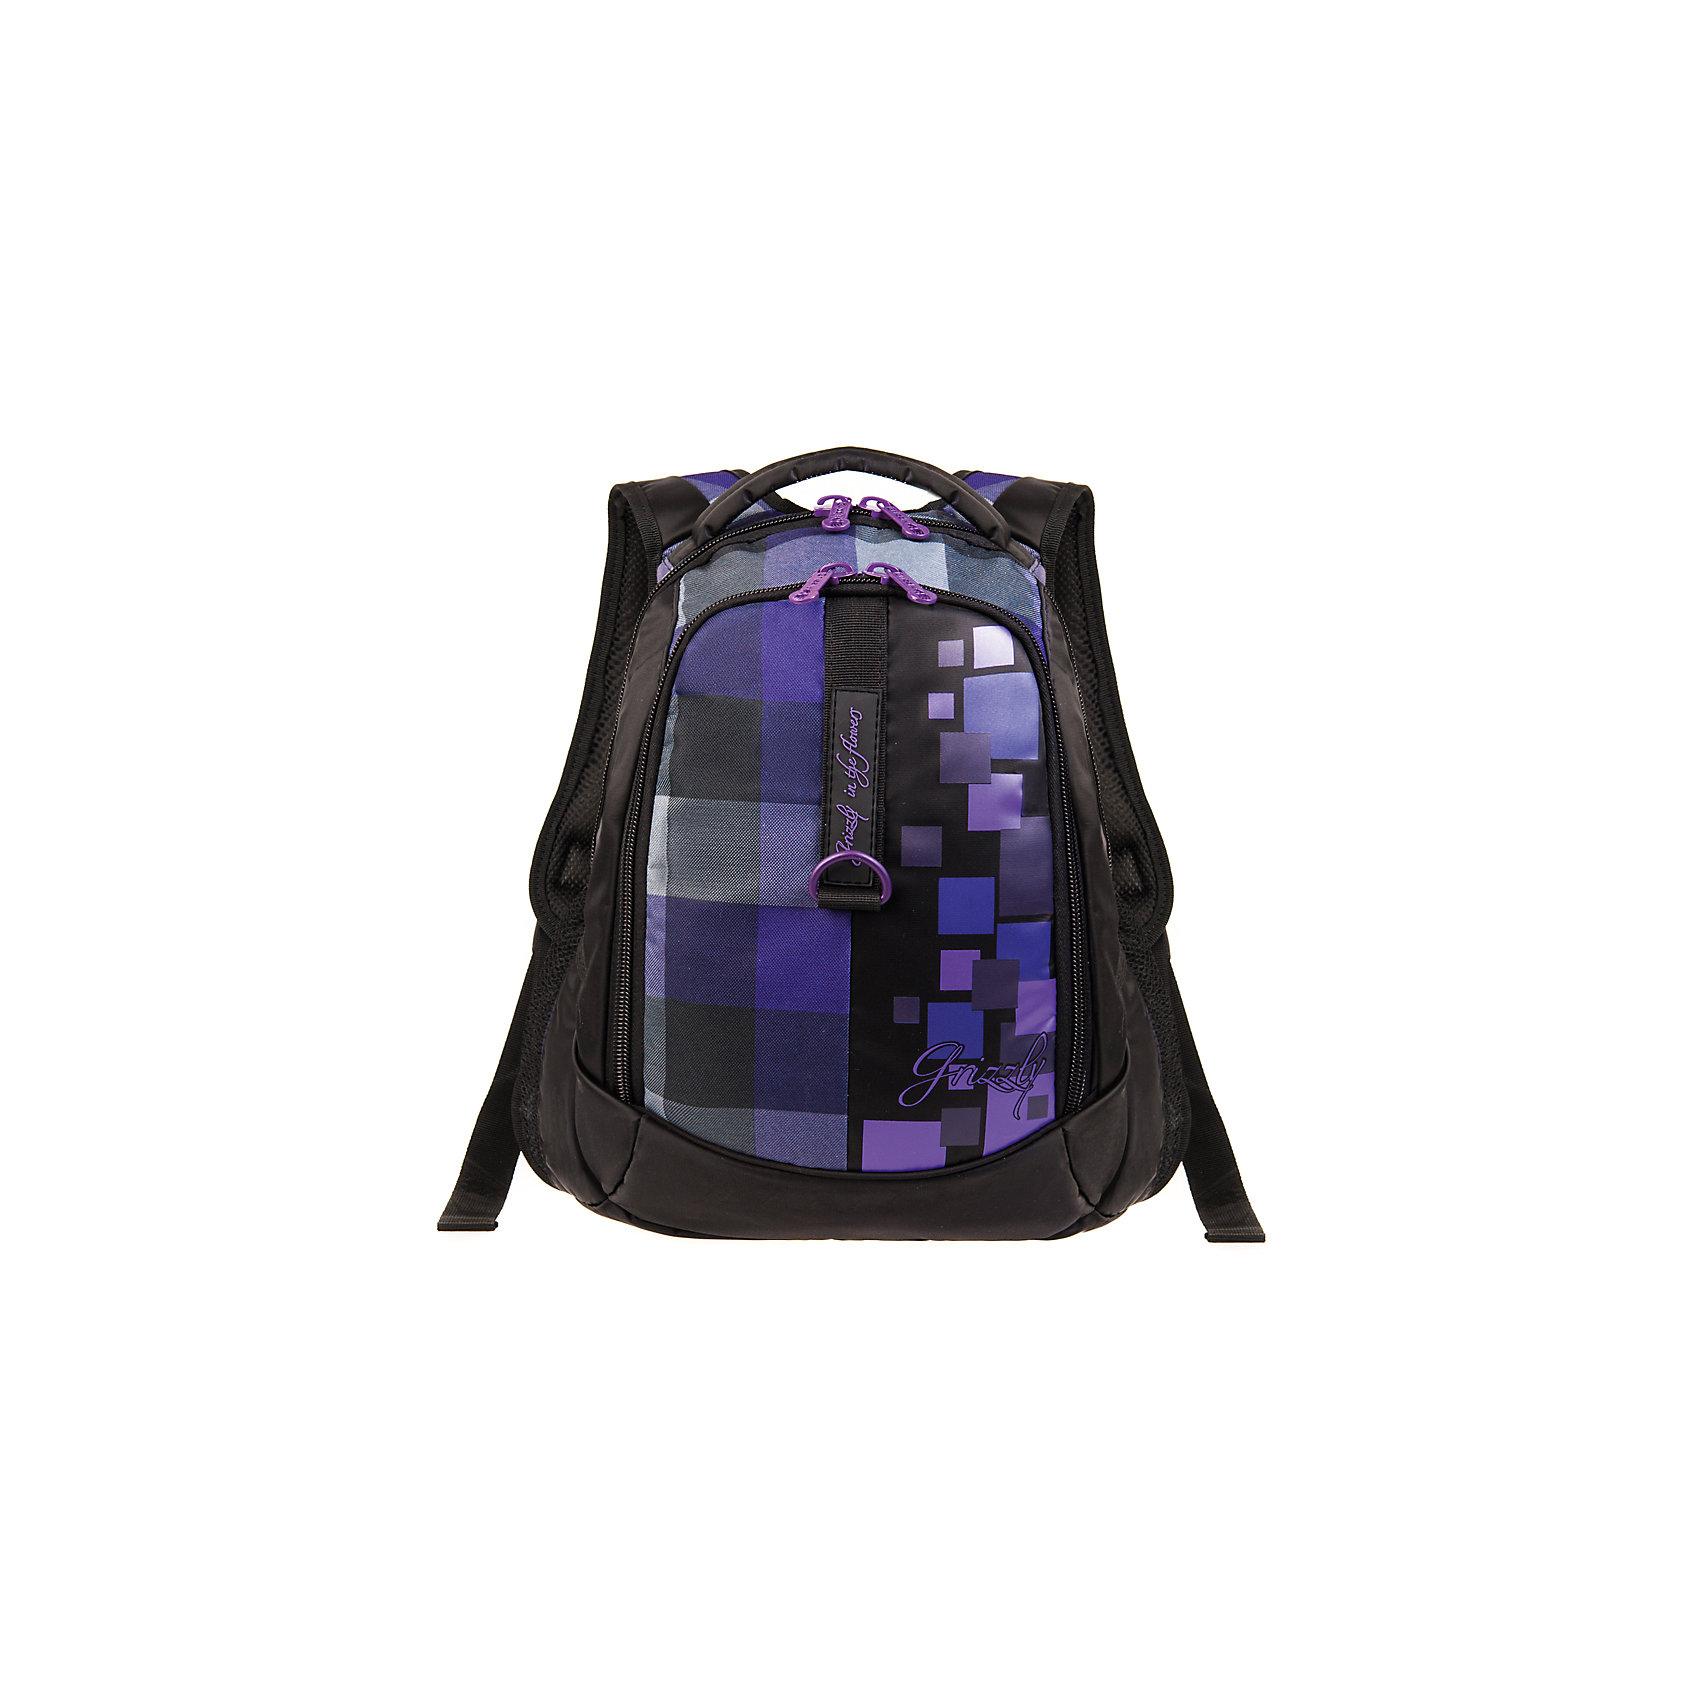 Рюкзак Клетка, фиолетовыйРюкзак, Клетка, фиолетовый Grizzly (Гризли) ? рюкзак отечественного бренда Гризли молодежной серии. Рюкзак выполнен из полиэстера высокого качества, что обеспечивает легкий вес, но при этом надежность и прочность. Все швы выполнены капроновыми нитками, что делает швы особенно крепкими и устойчивыми к износу даже в течение нескольких лет. <br>Внутреннее устройство рюкзака состоит из двух вместительных отсеков, внутреннего кармана на молнии и кармана-пенала для хранения карандашей и ручек. Повышенная вместительность рюкзака обеспечивается боковыми карманами из сетки. <br>Удобство и эргономичность рюкзака создается за счет укрепленной спинки, укрепленных лямок и мягкой укрепленной ручки. Уникальность рюкзаков Grizzly заключается в том, что анатомическая спинка изготовлена из специальной ткани, которая пропускает воздух, тем самым защищает спину от повышенного потоотделения.<br>Рюкзаки молодежной серии Grizzly (Гризли) ? это не только удобство и функциональность, это еще и оригинальный современный дизайн. Рюкзак, Клетка, фиолетовый, Grizzly (Гризли) выполнен в классическом черном цвете с яркими фиолетовыми клетками, которые расположены на спереди, рисунок повторяется на лямках и спинке. <br>Рюкзак, Клетка, фиолетовый Grizzly (Гризли) ? это качество материалов, удобство и долговечность использования. <br><br>Дополнительная информация:<br><br>- Вес: 770 г<br>- Габариты (Д*Г*В): 31*20*42 см<br>- Цвет: черный, фиолетовый<br>- Материал: полиэстер <br>- Сезон: круглый год<br>- Коллекция: молодежная <br>- Год коллекции: 2016 <br>- Пол: мужской/женский<br>- Предназначение: для школы, для занятий спортом<br>- Особенности ухода: можно чистить влажной щеткой или губкой, допускается ручная стирка<br><br>Подробнее:<br><br>• Для школьников в возрасте: от 8 лет и до 12 лет<br>• Страна производитель: Россия<br>• Торговый бренд: Grizzly<br><br>Рюкзак, Клетка, фиолетовый, Grizzly (Гризли) можно купить в нашем интернет-магазине.<br><br>Ширина мм: 310<br>Глубина мм